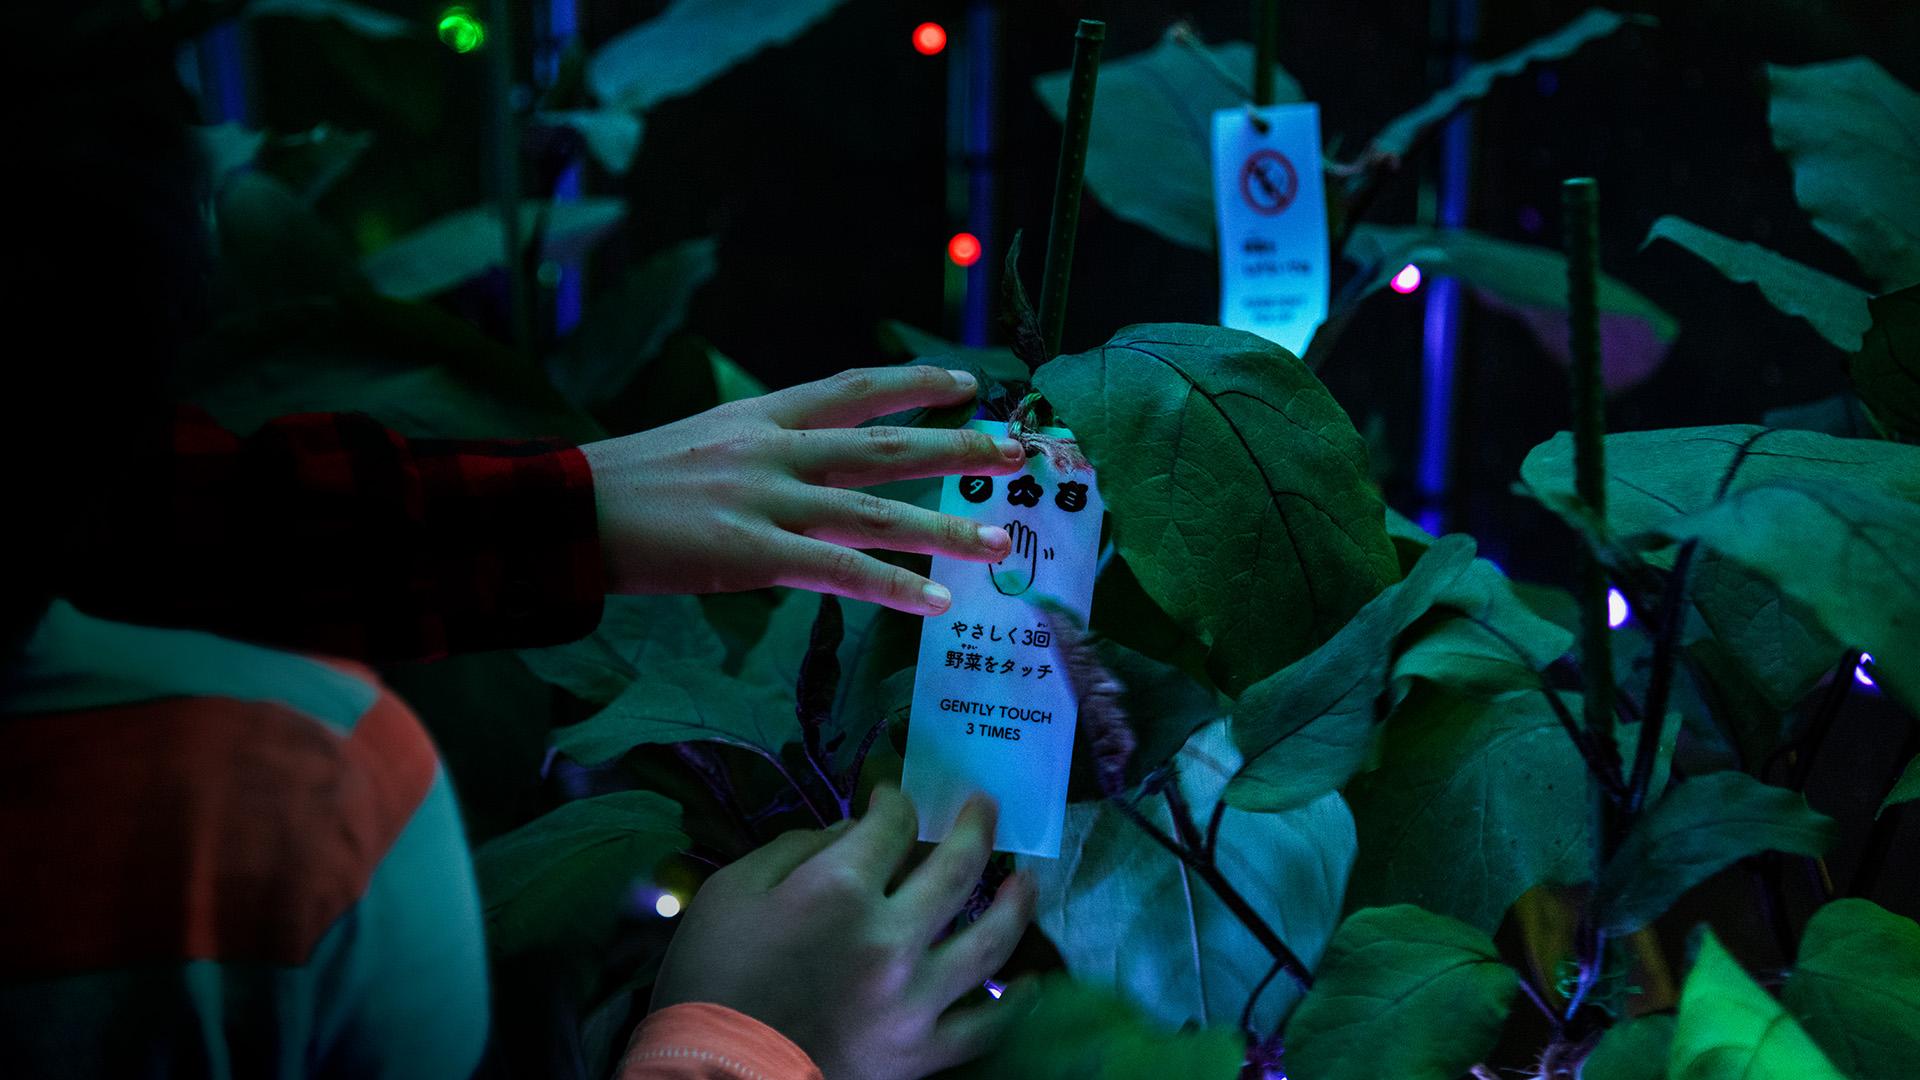 rgb_creative_ideas--digital-vegetable-japan-greenhouse-04